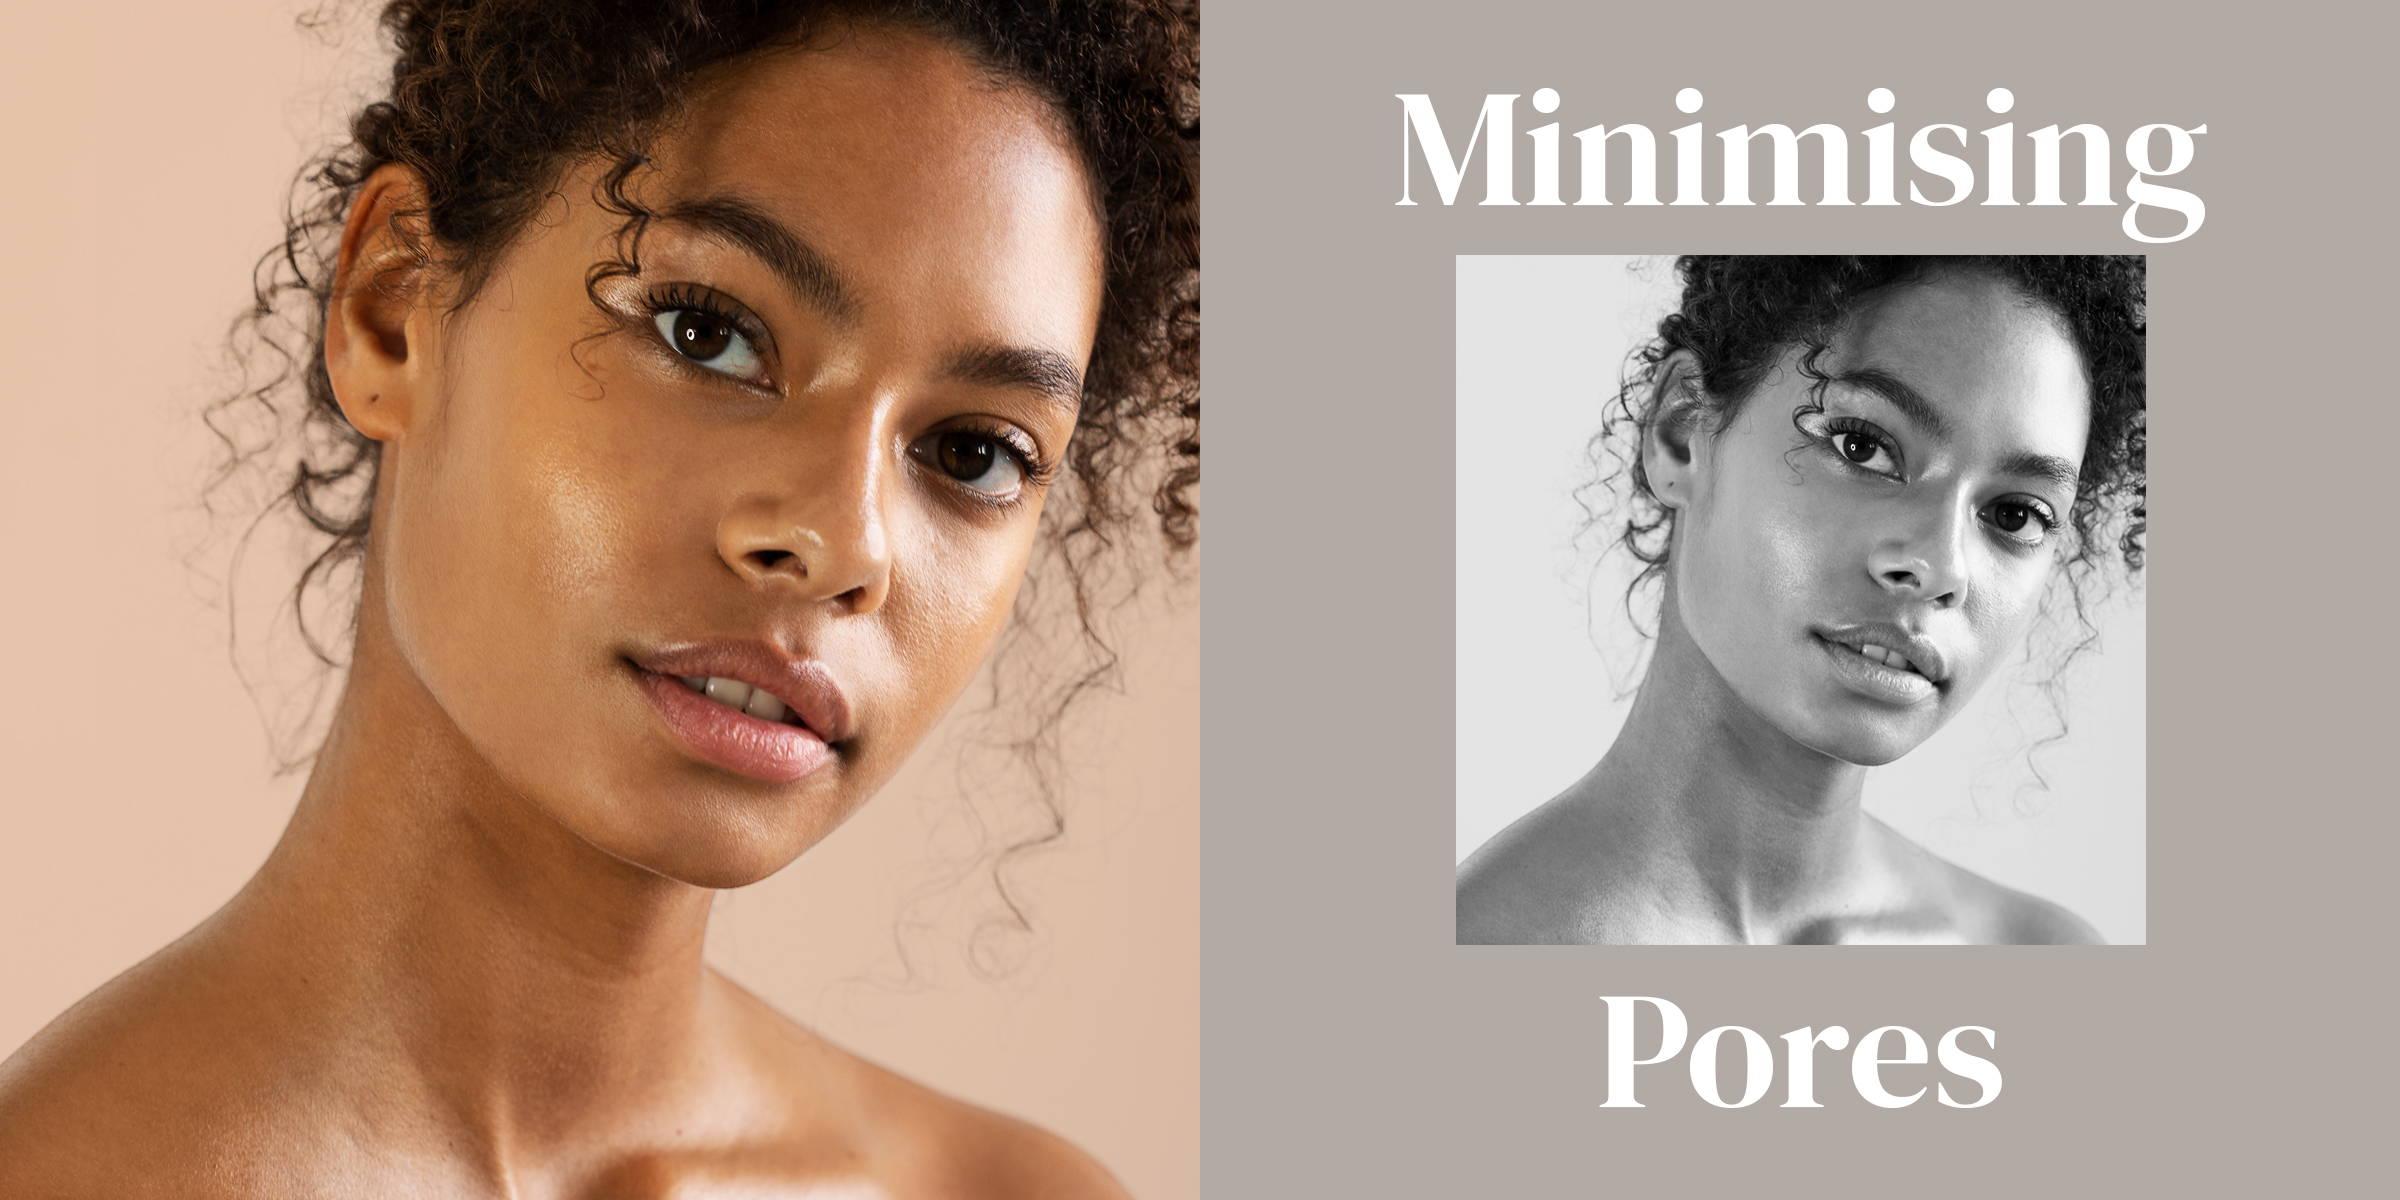 Minimising Pores